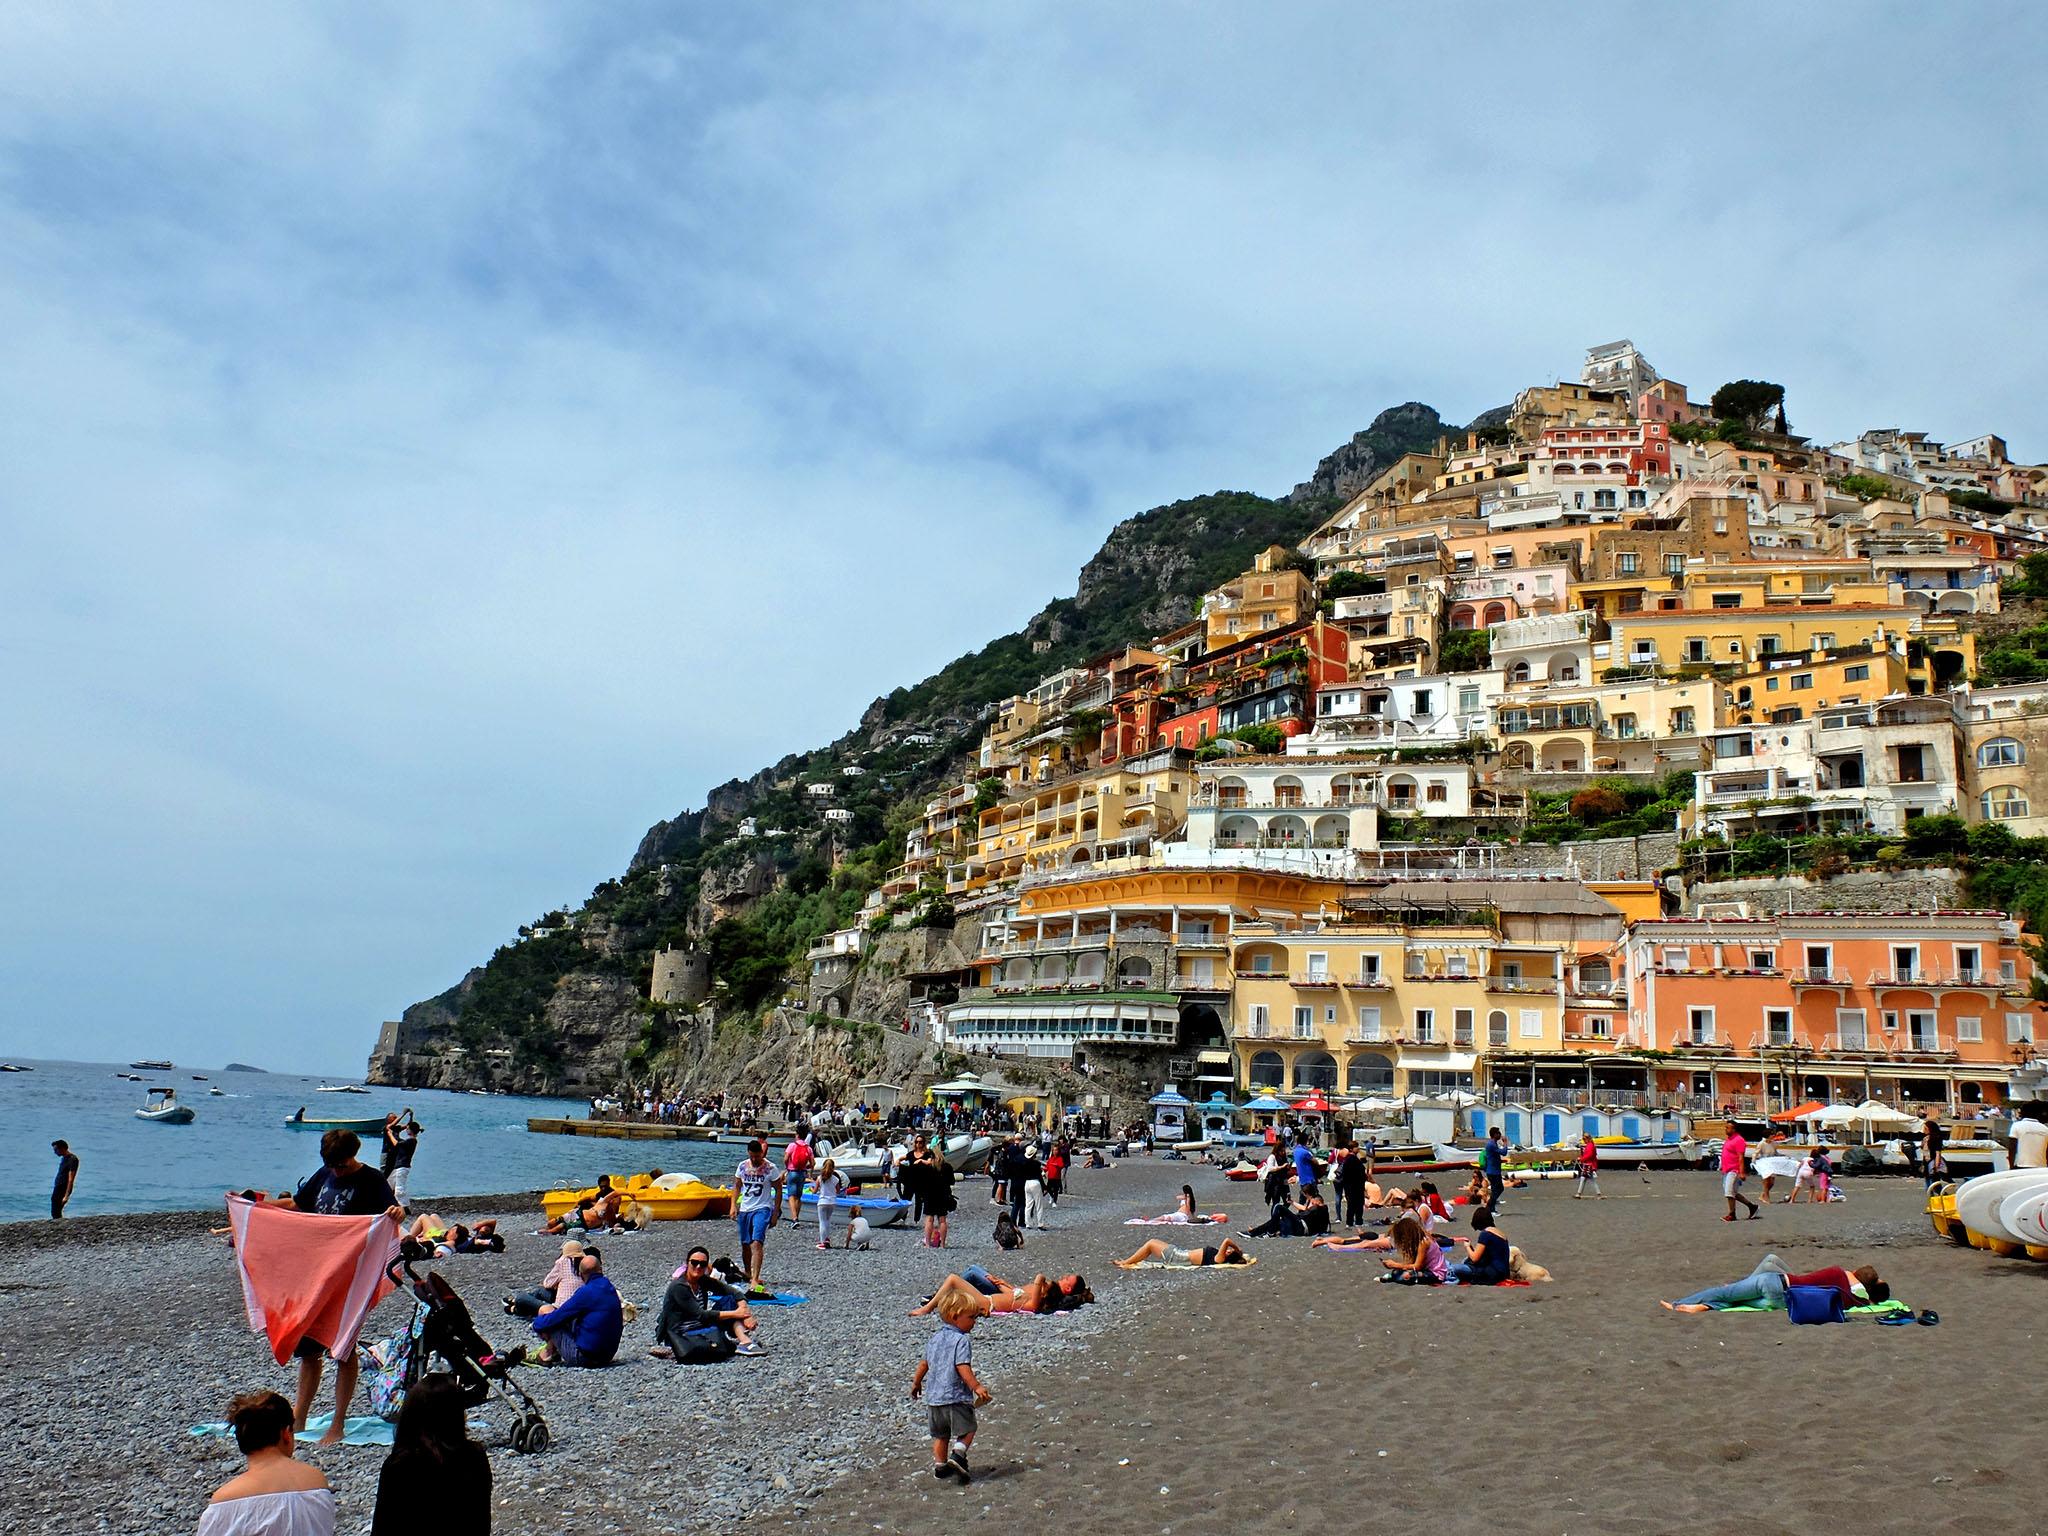 Olivia Leaves | Visiting the Amalfi Coast